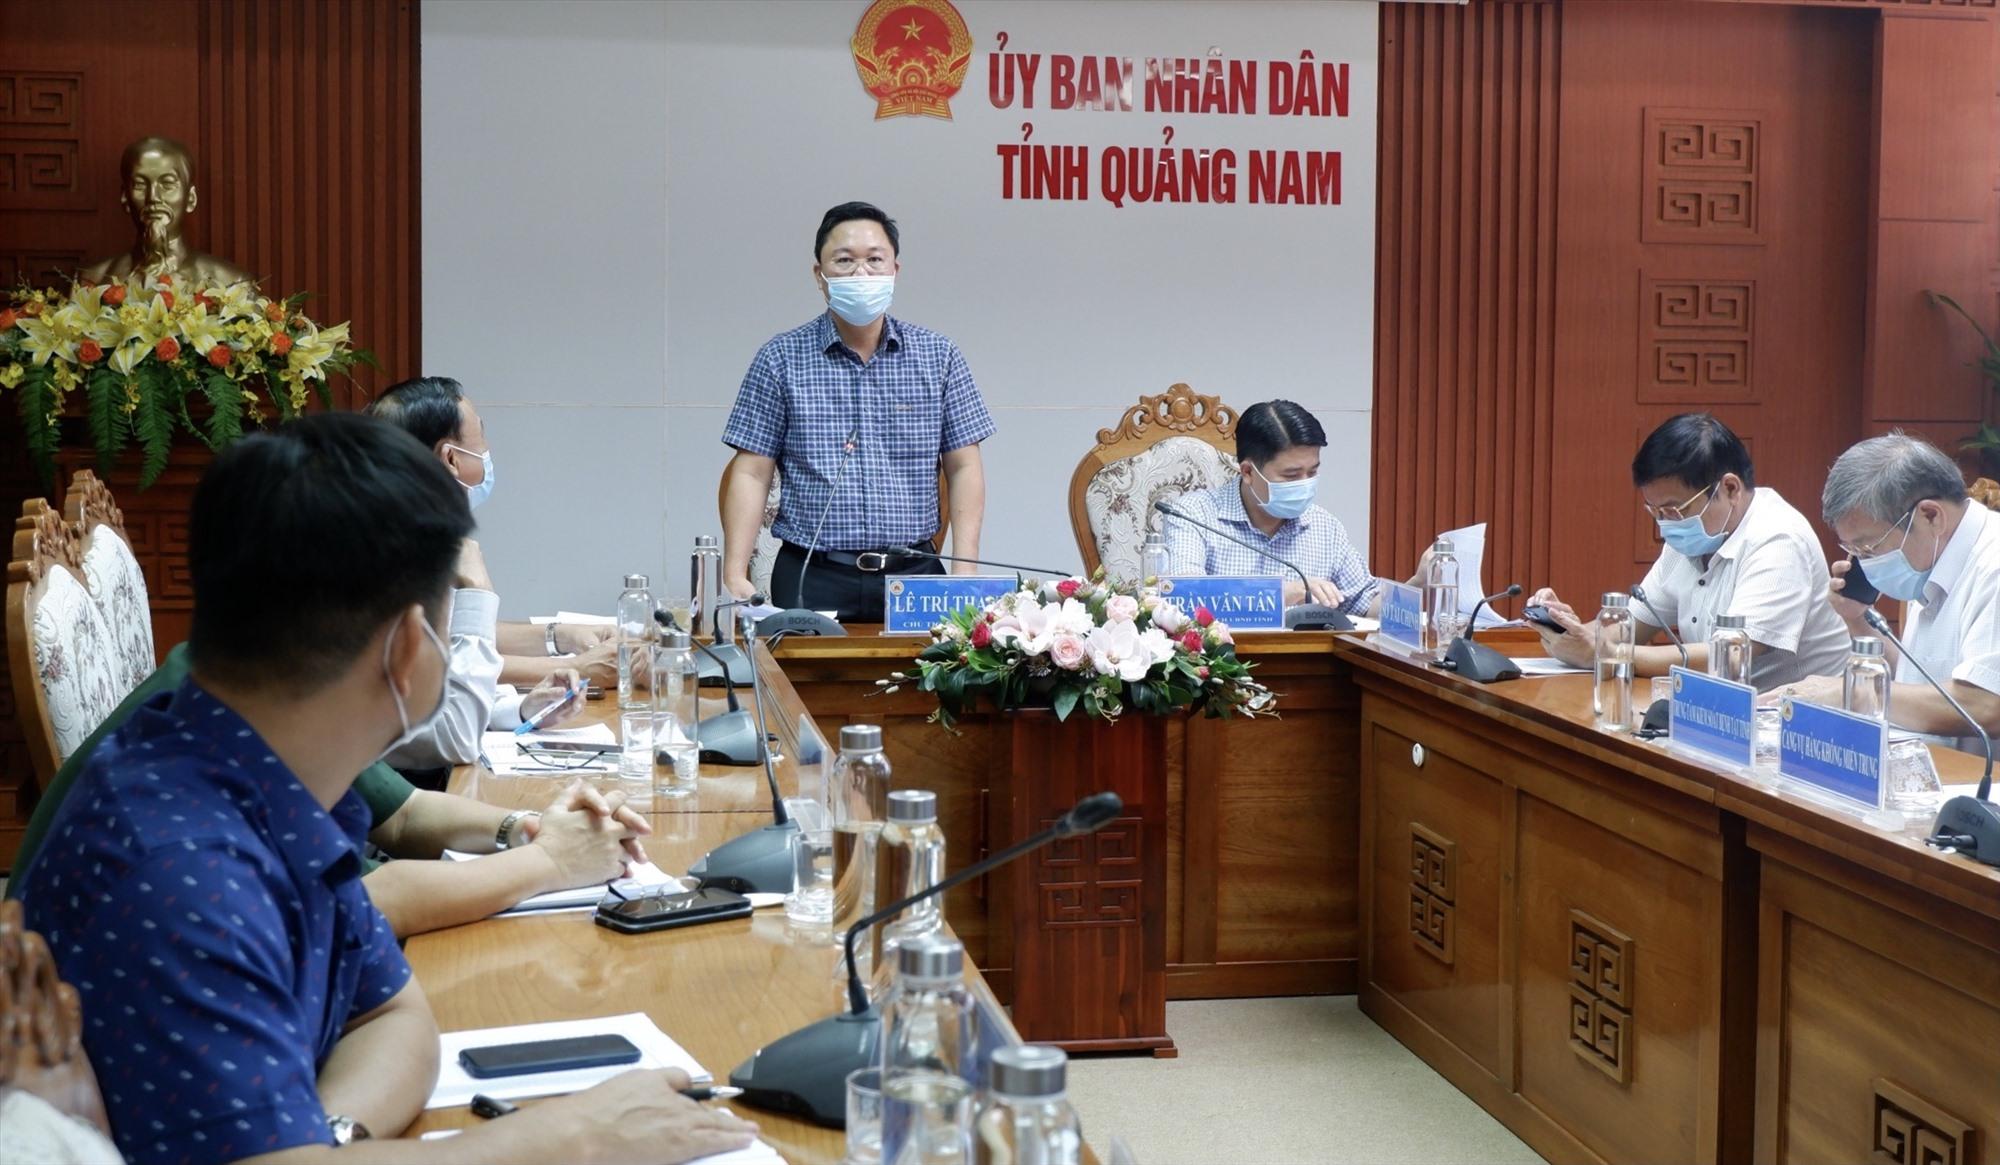 Chủ tịch UBND tỉnh Lê Trí Thanh chủ trì buổi làm việc vào chiều ngày 8.7. Ảnh: X.H